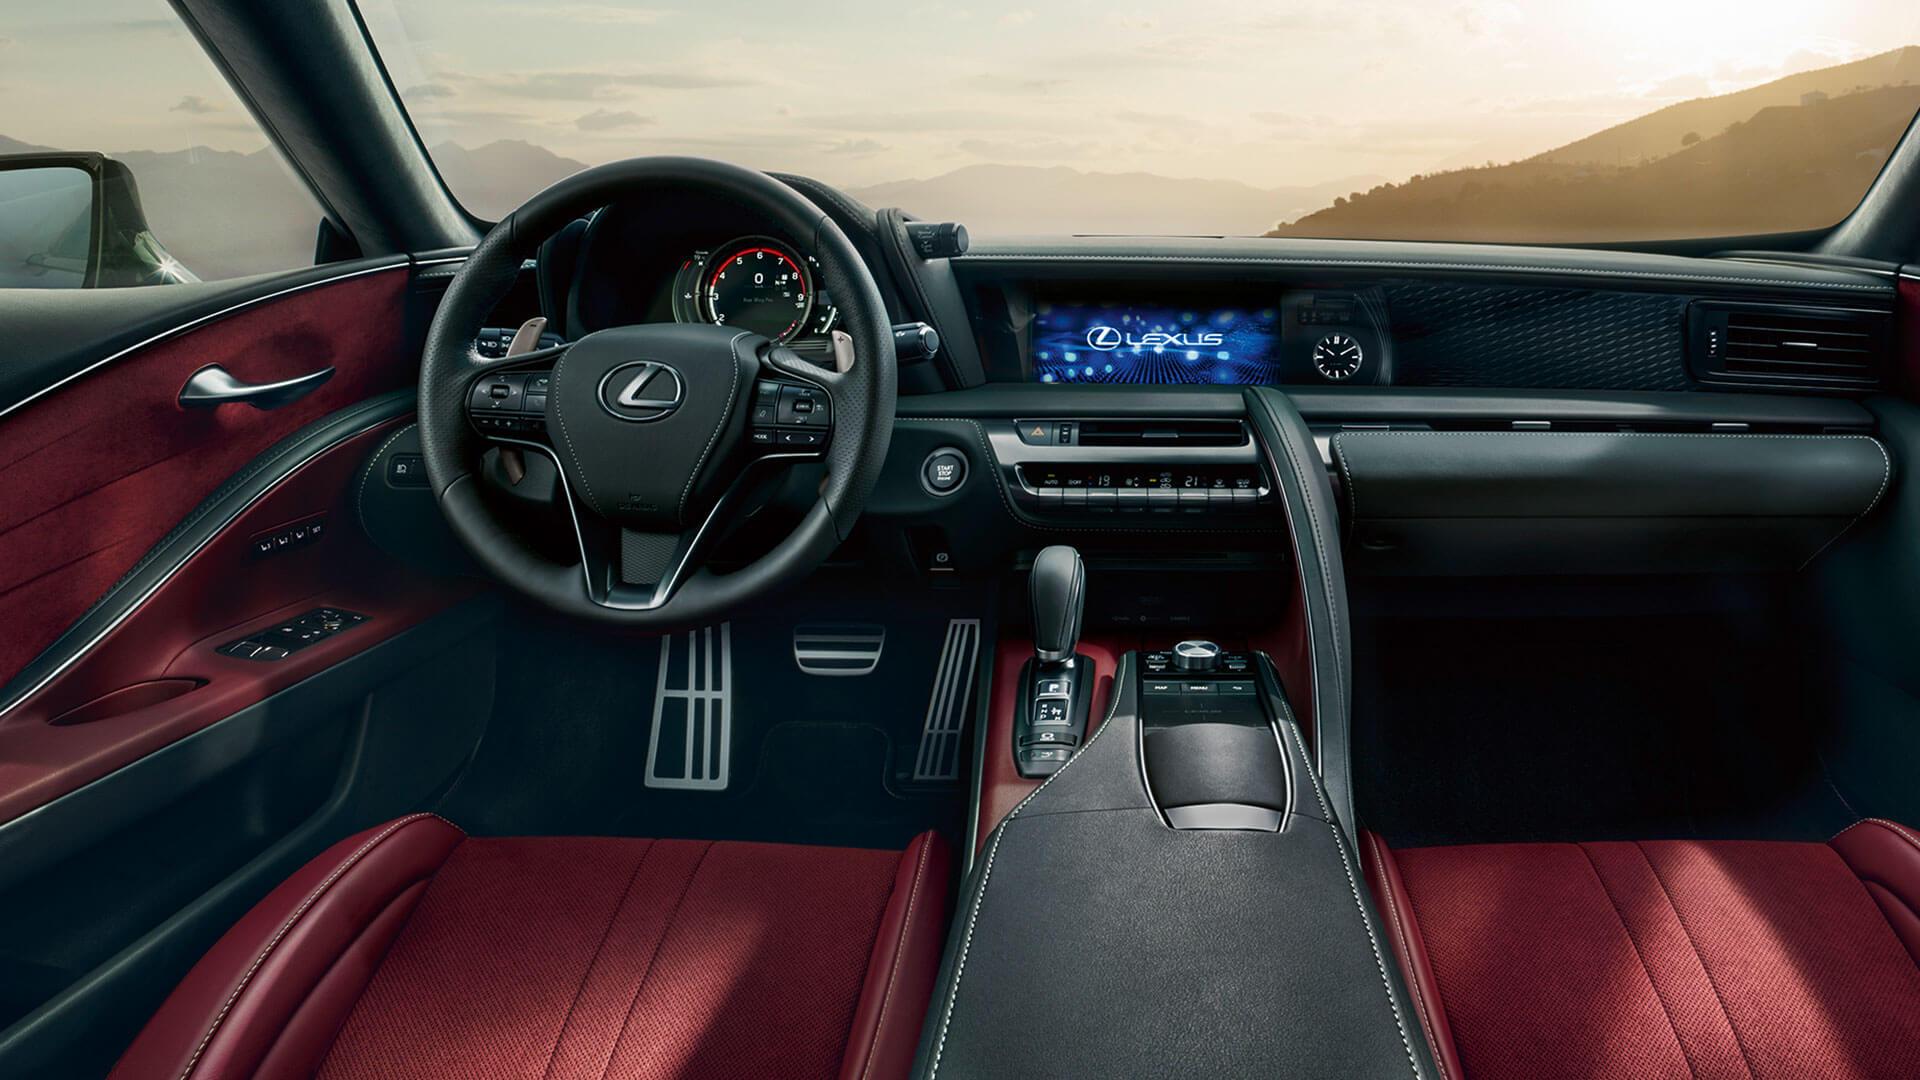 Interieur van een Lexus LC 500h